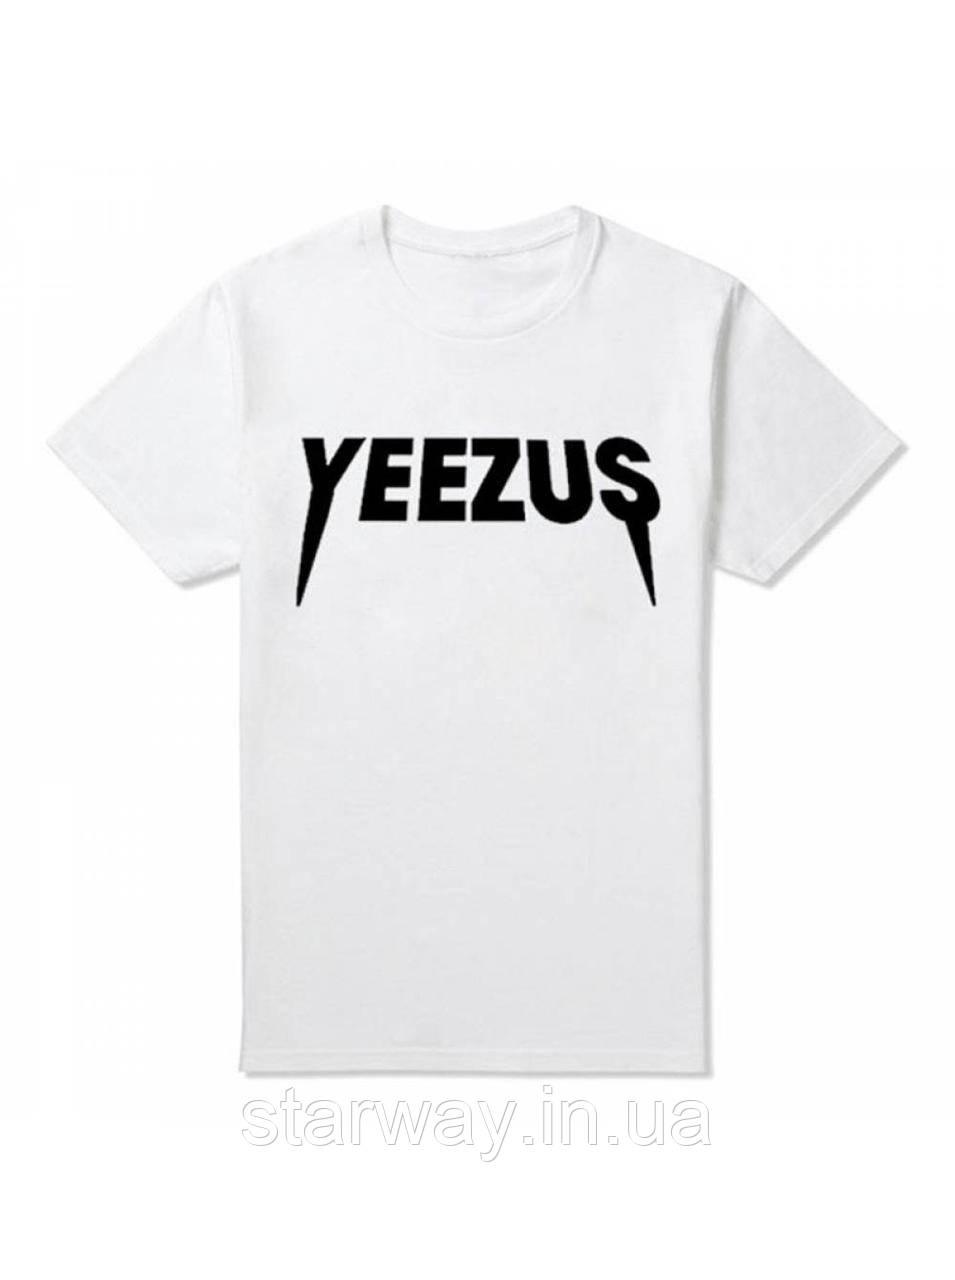 Футболка Yeezus logo | топ